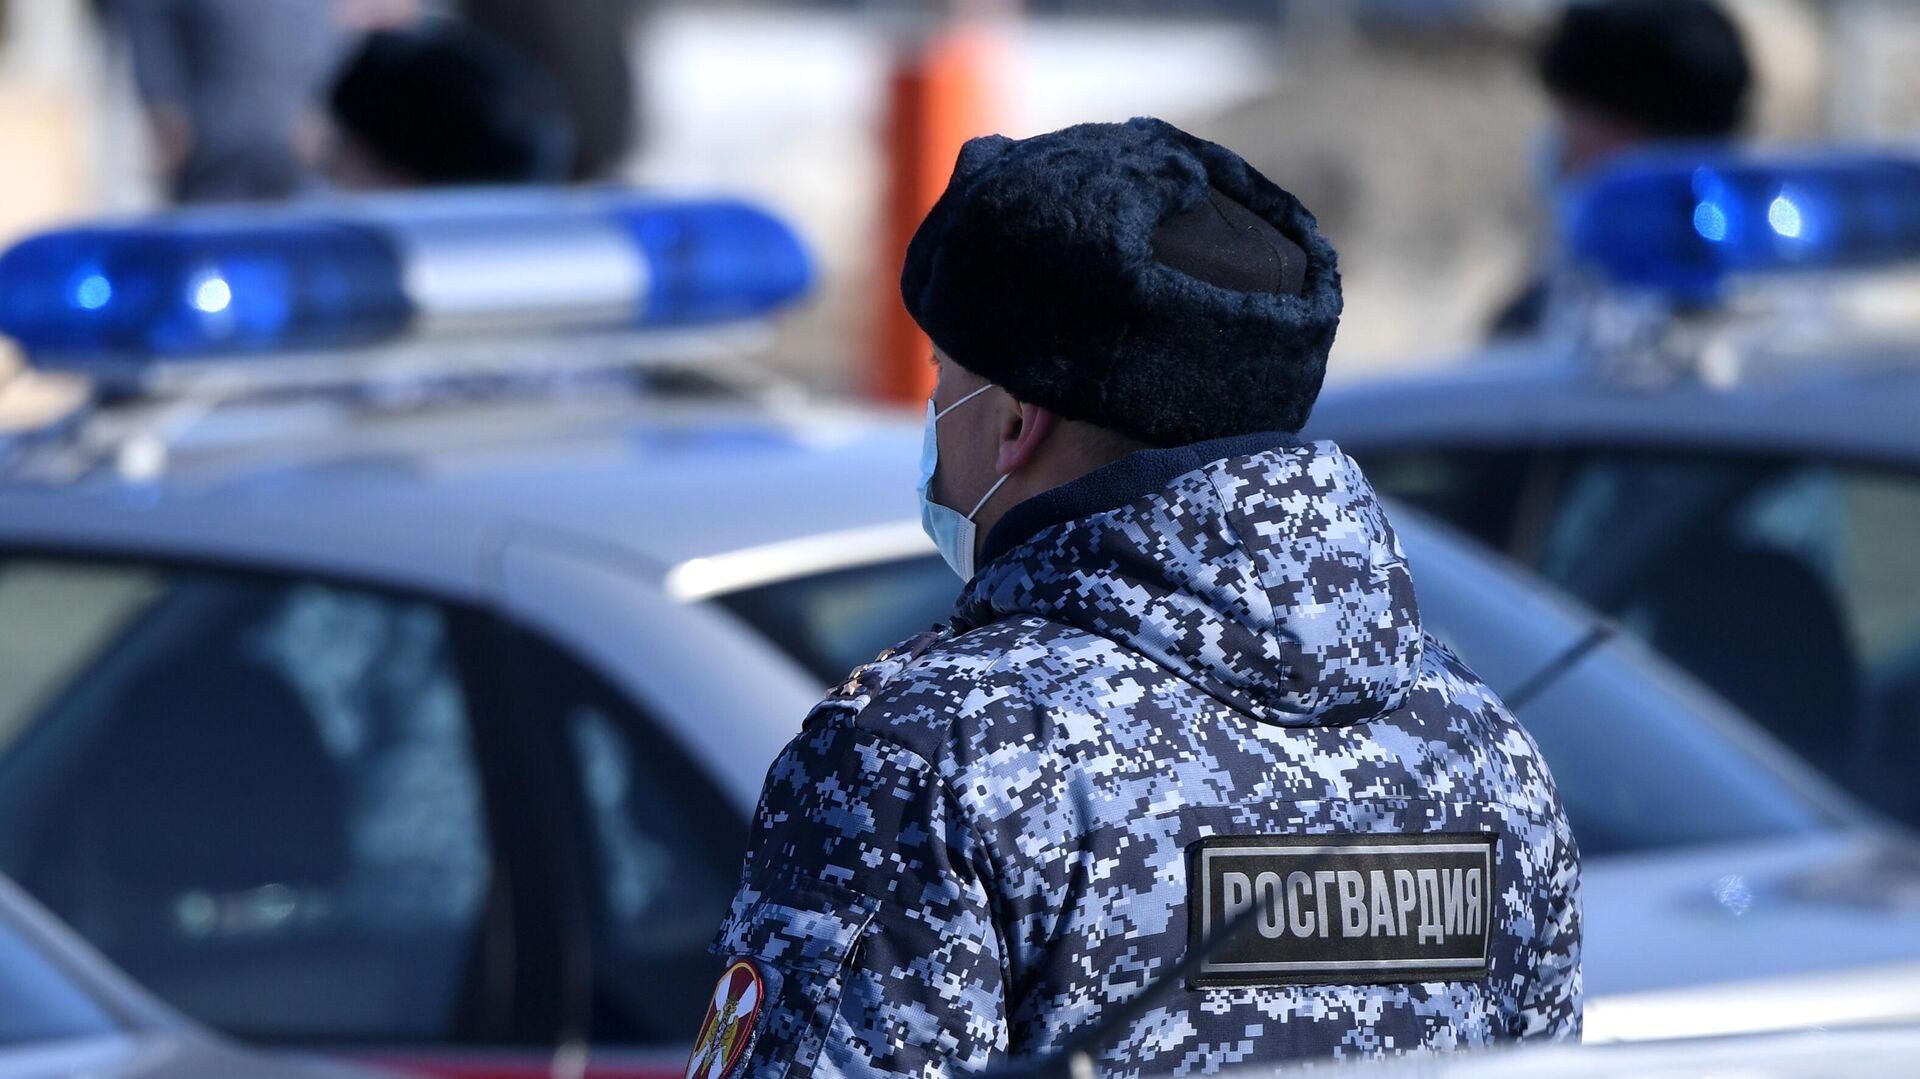 Полицейского проверят после конфликта в Подмосковье